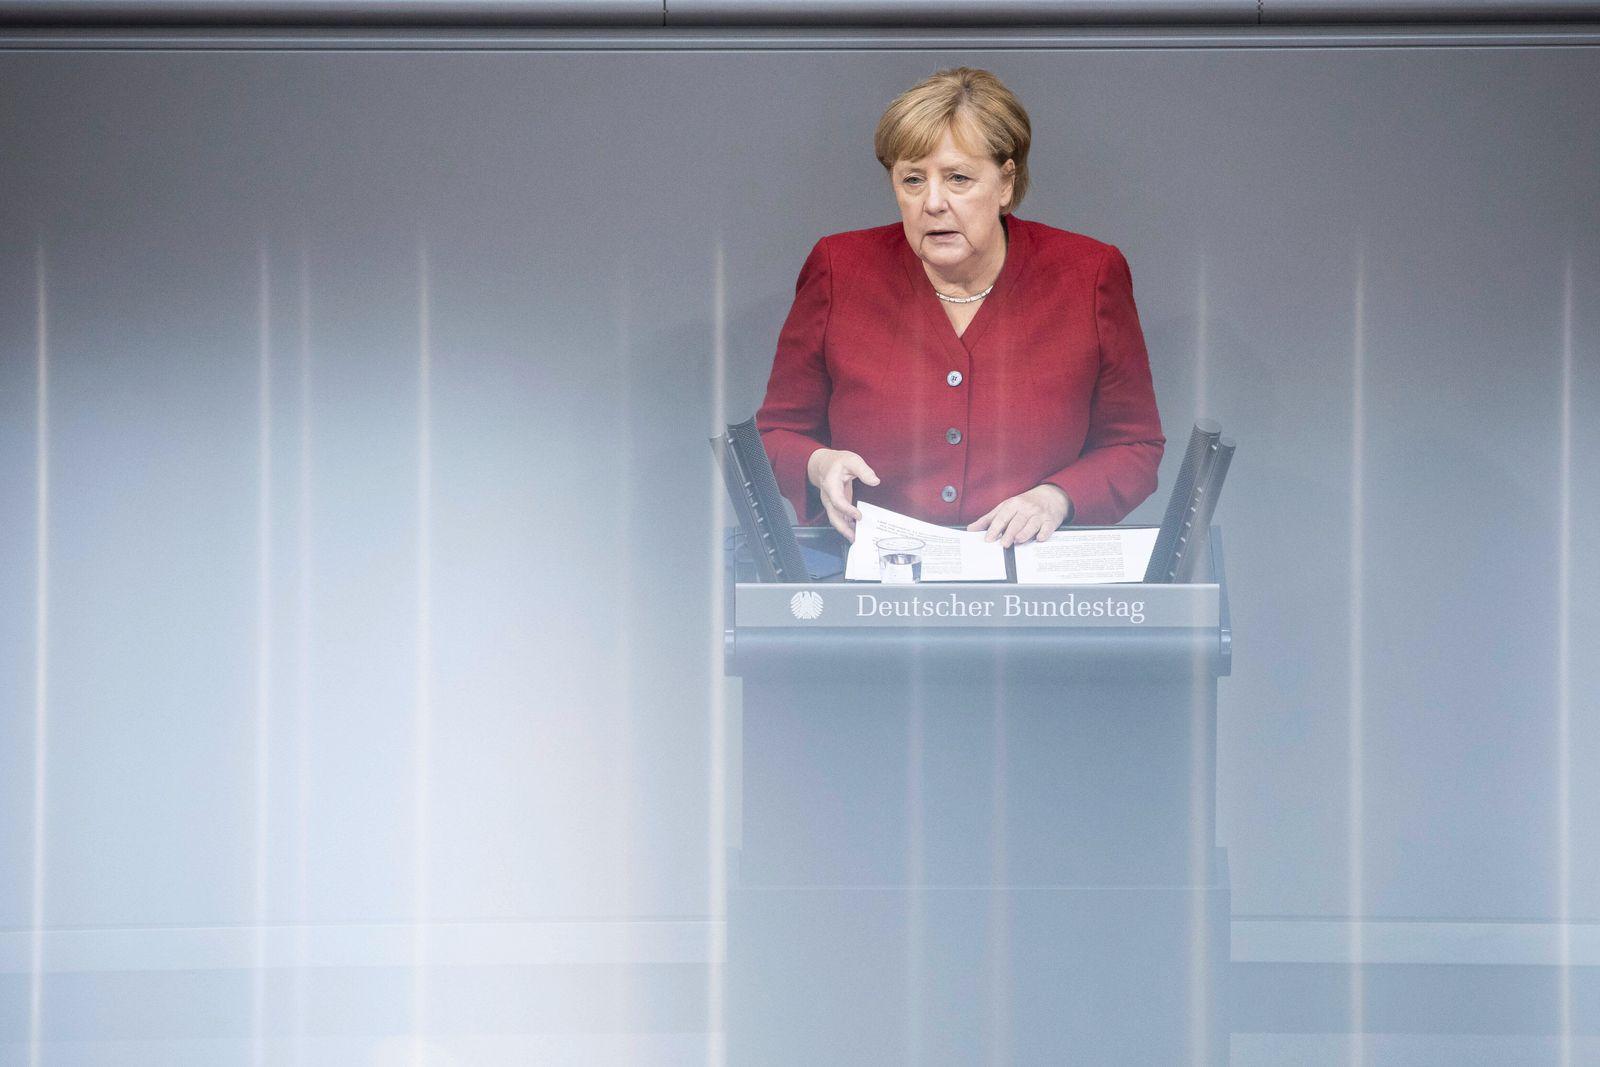 Angela Merkel, Bundeskanzlerin, aufgenommen im Rahmen einer Sondersitzung zur Situation in Afghanistan im Deutschen Bun